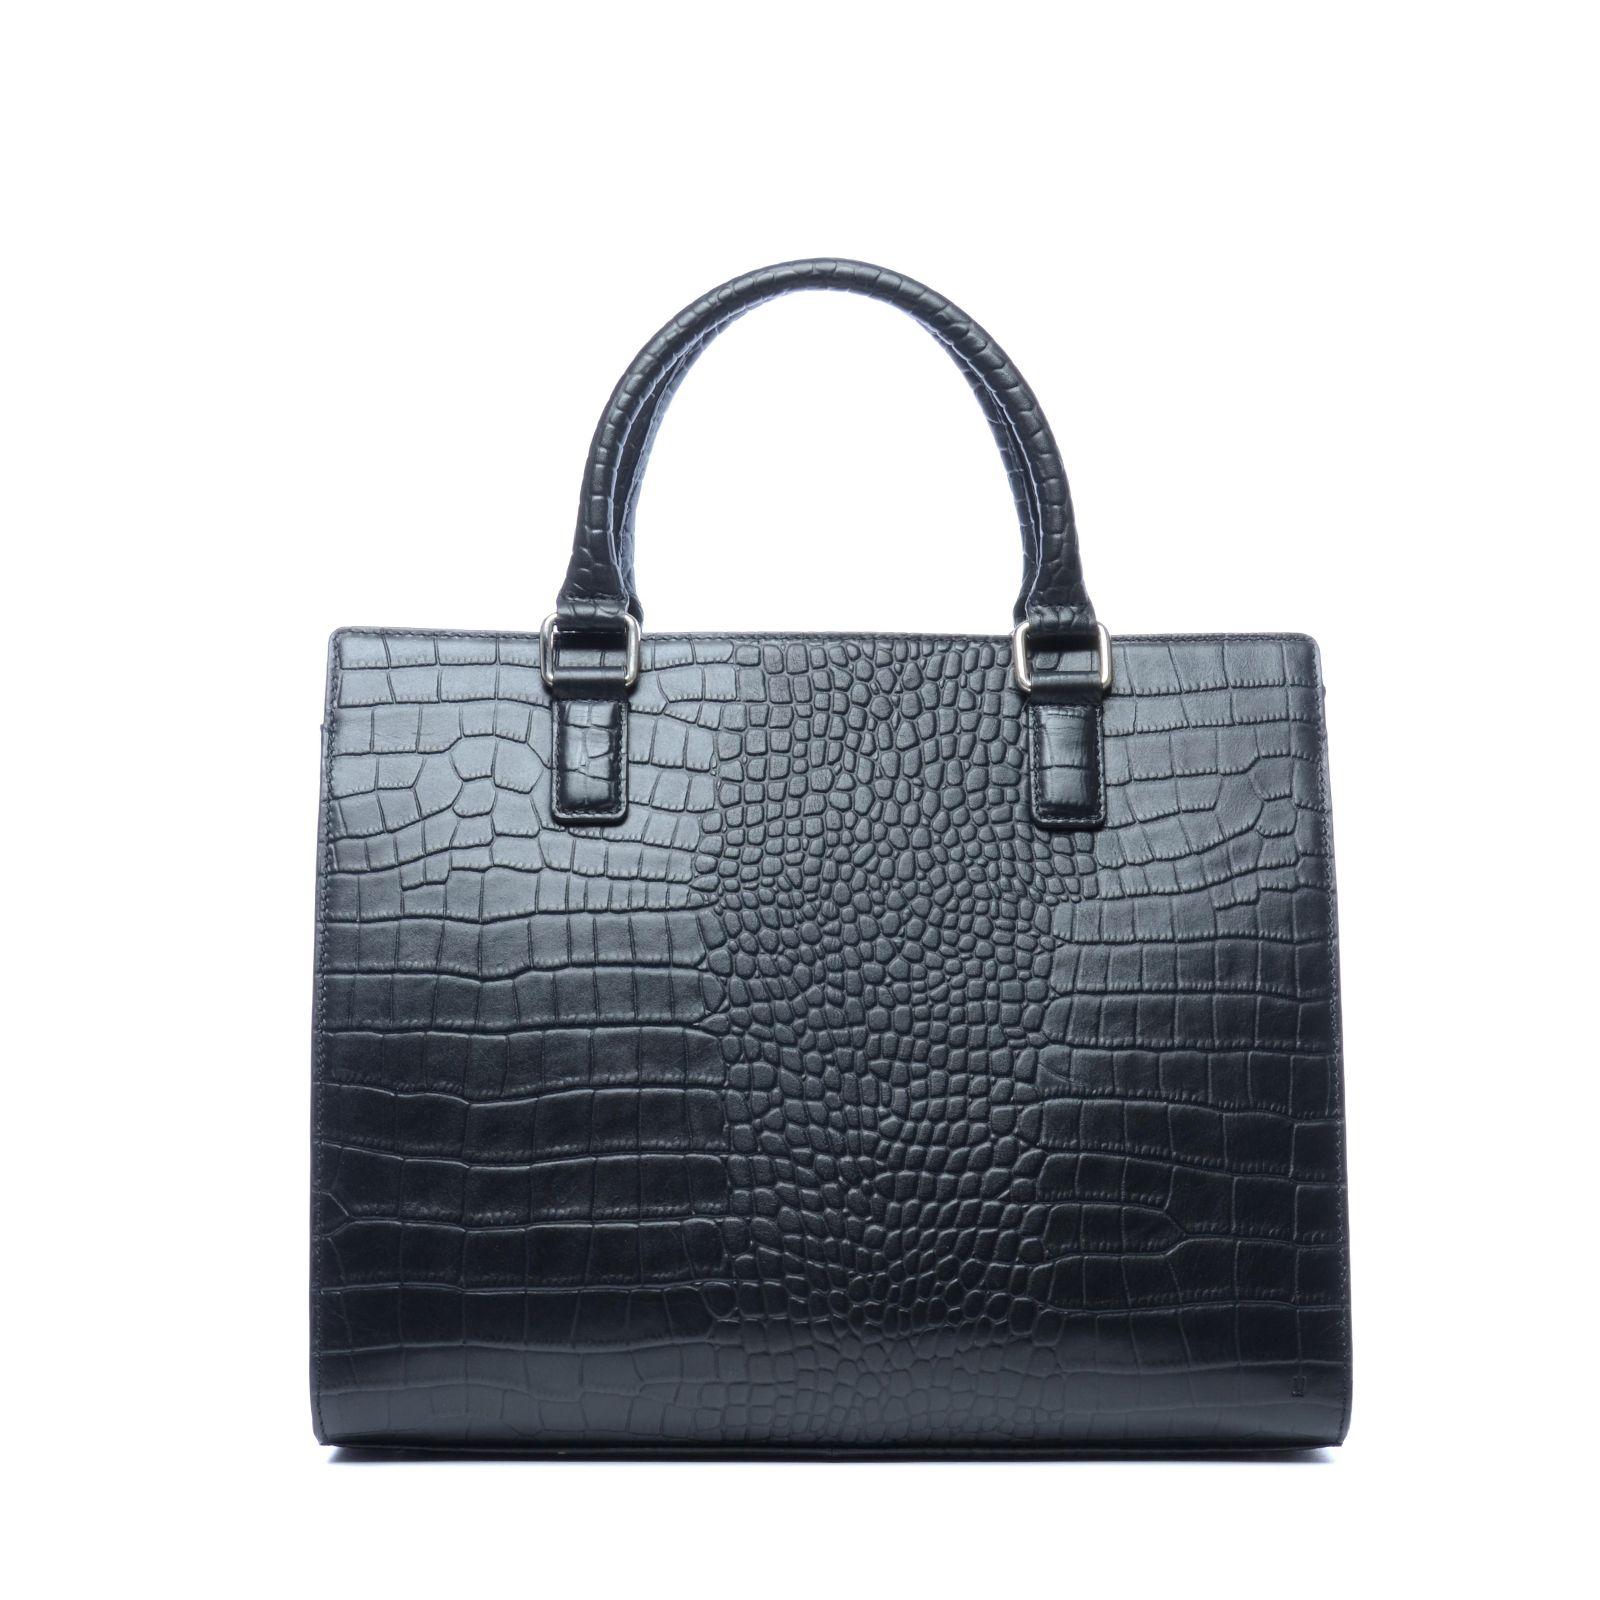 Zwarte snakeskin tas Tassen | MANFIELD